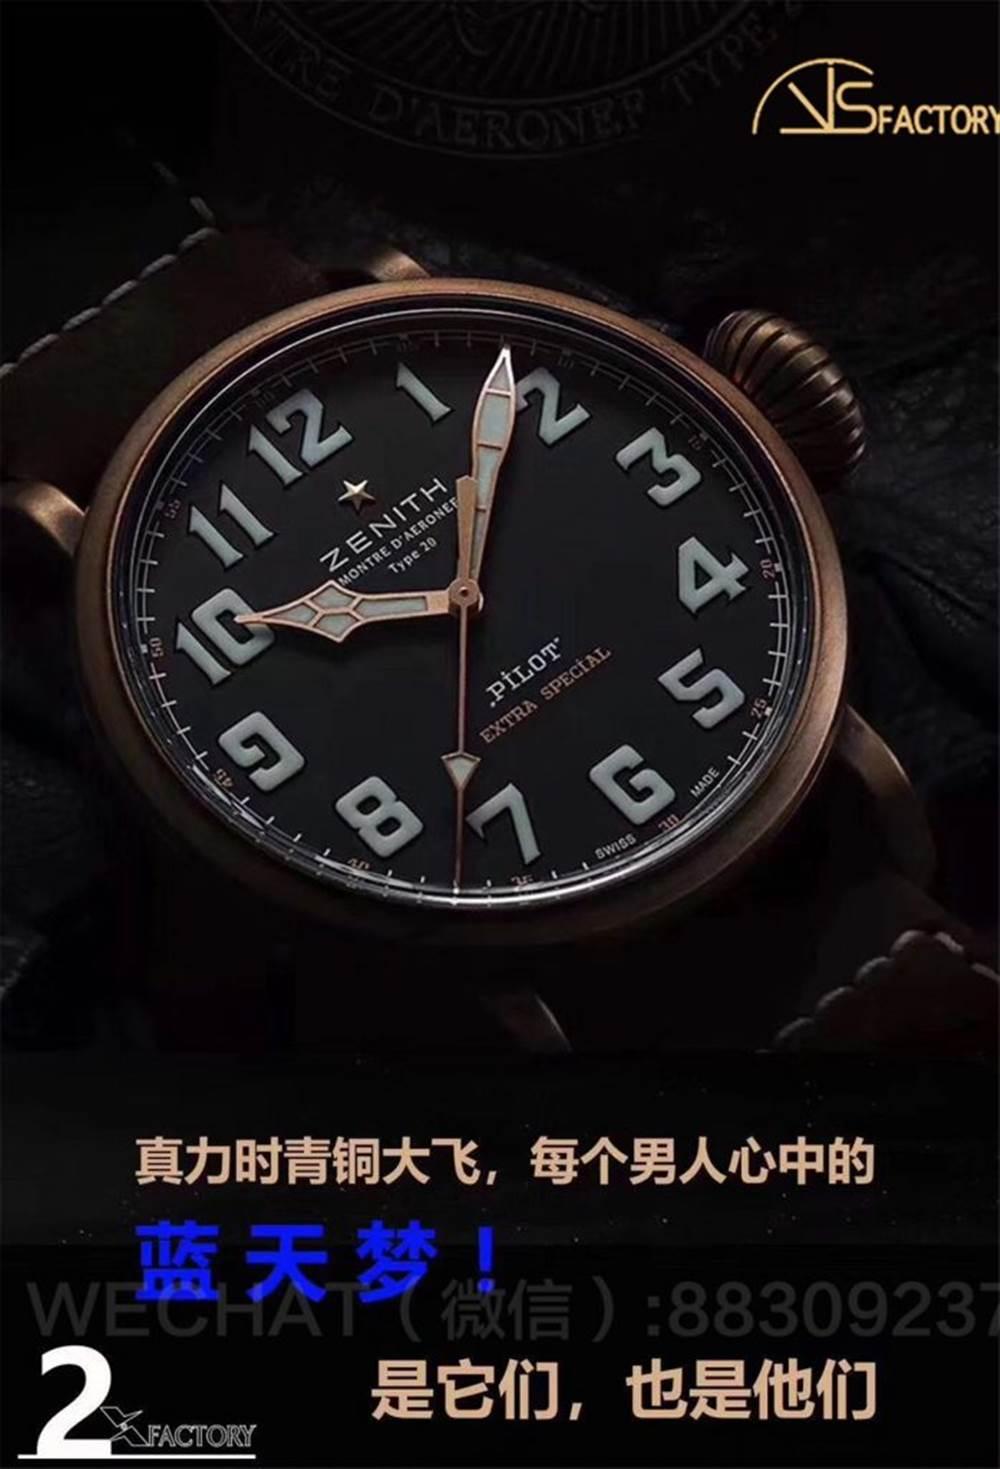 XF厂真力时青铜大飞「青铜神器」做工评测